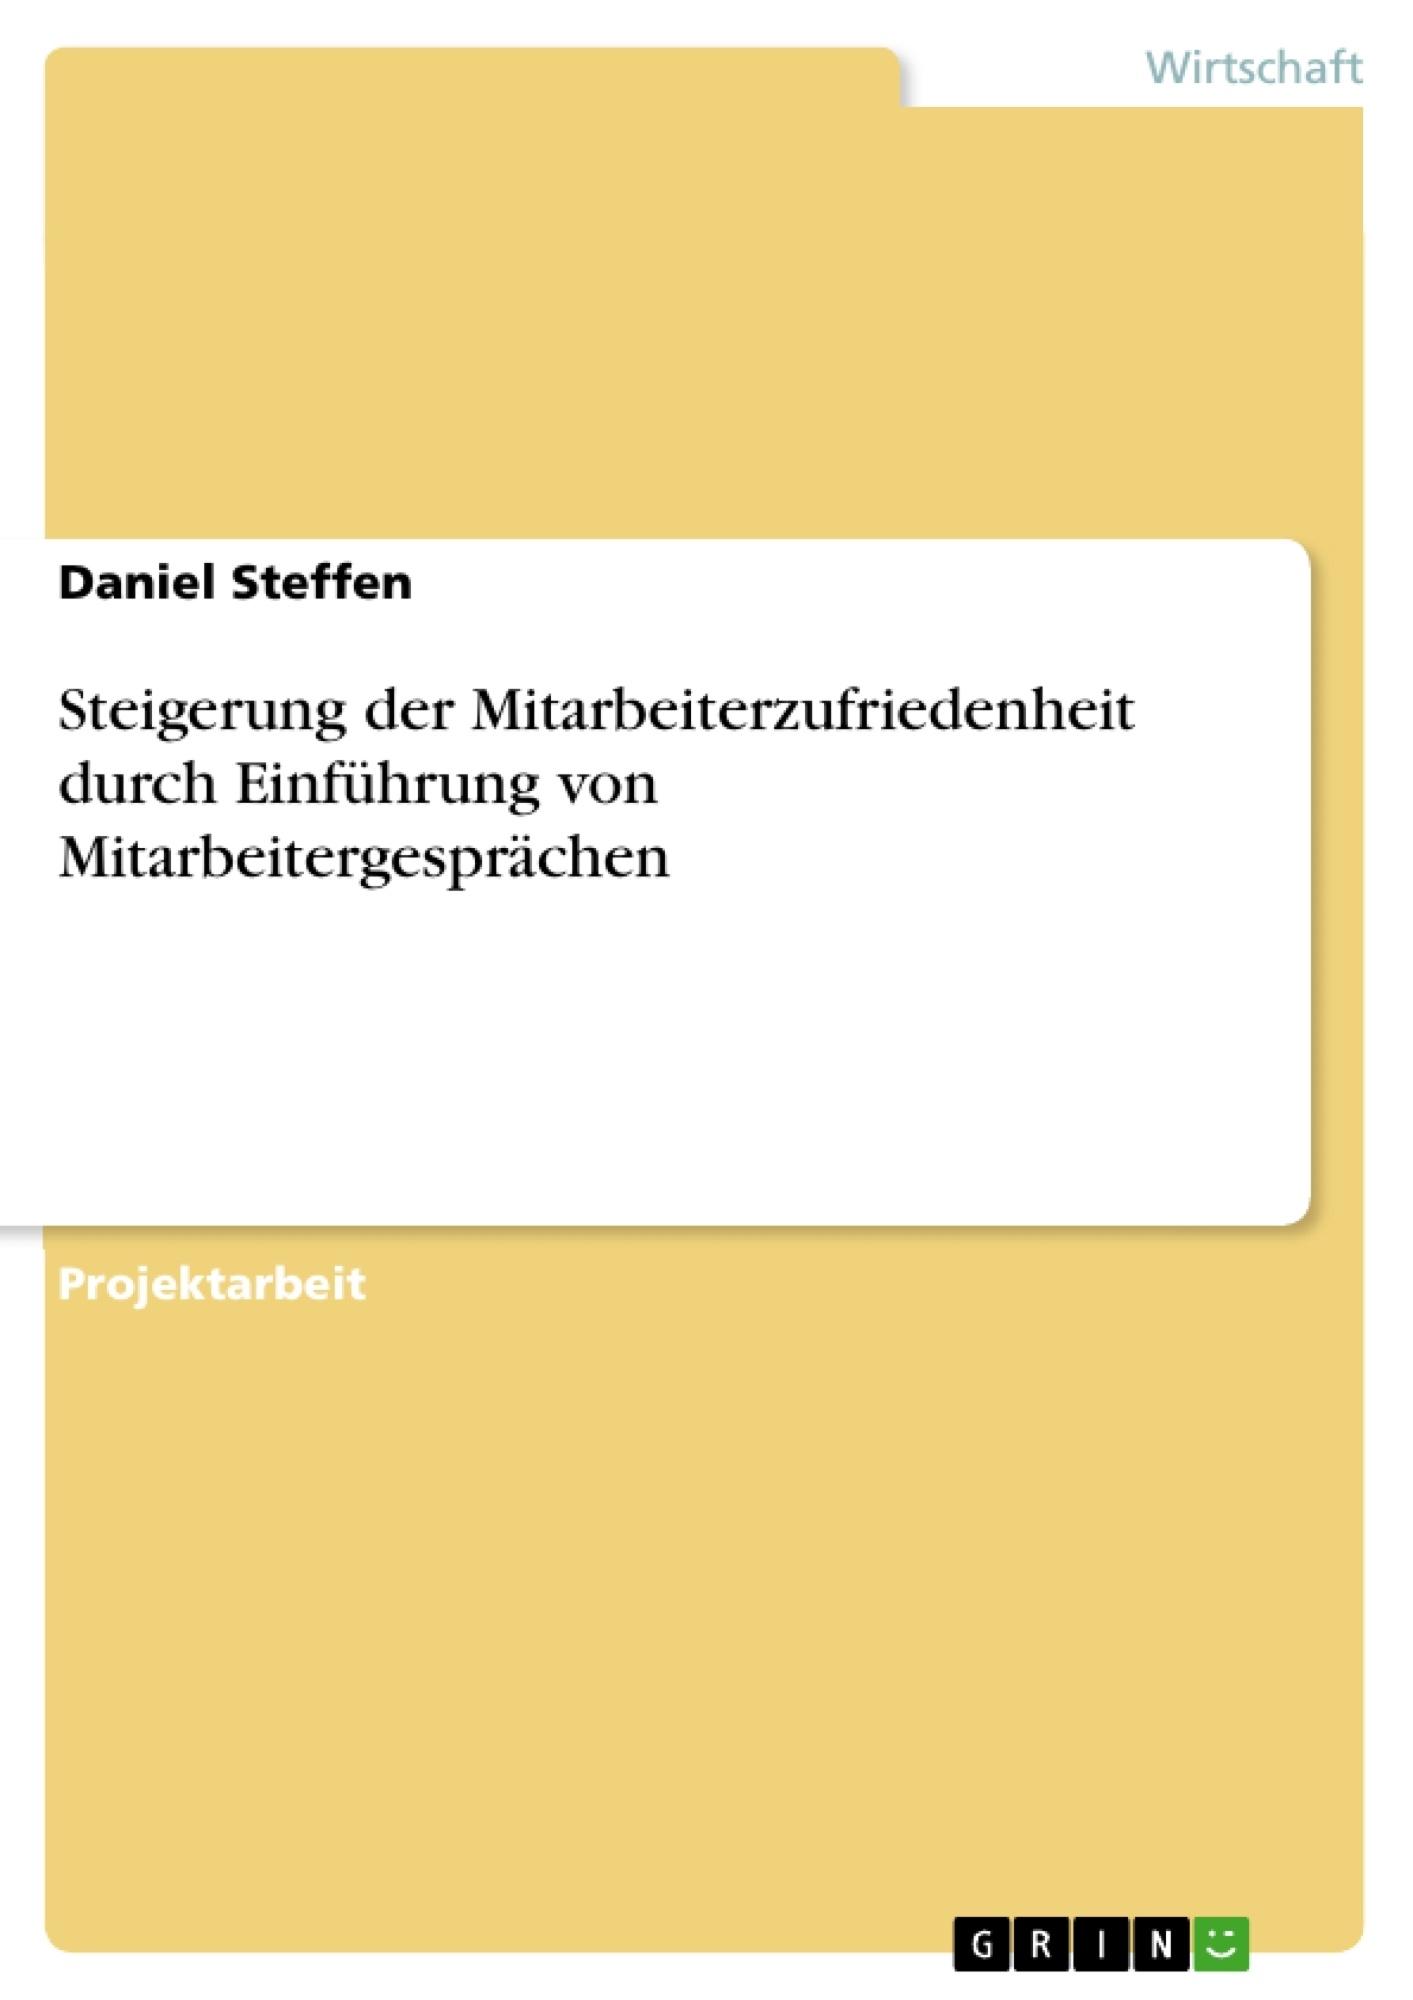 Titel: Steigerung der Mitarbeiterzufriedenheit durch Einführung von Mitarbeitergesprächen